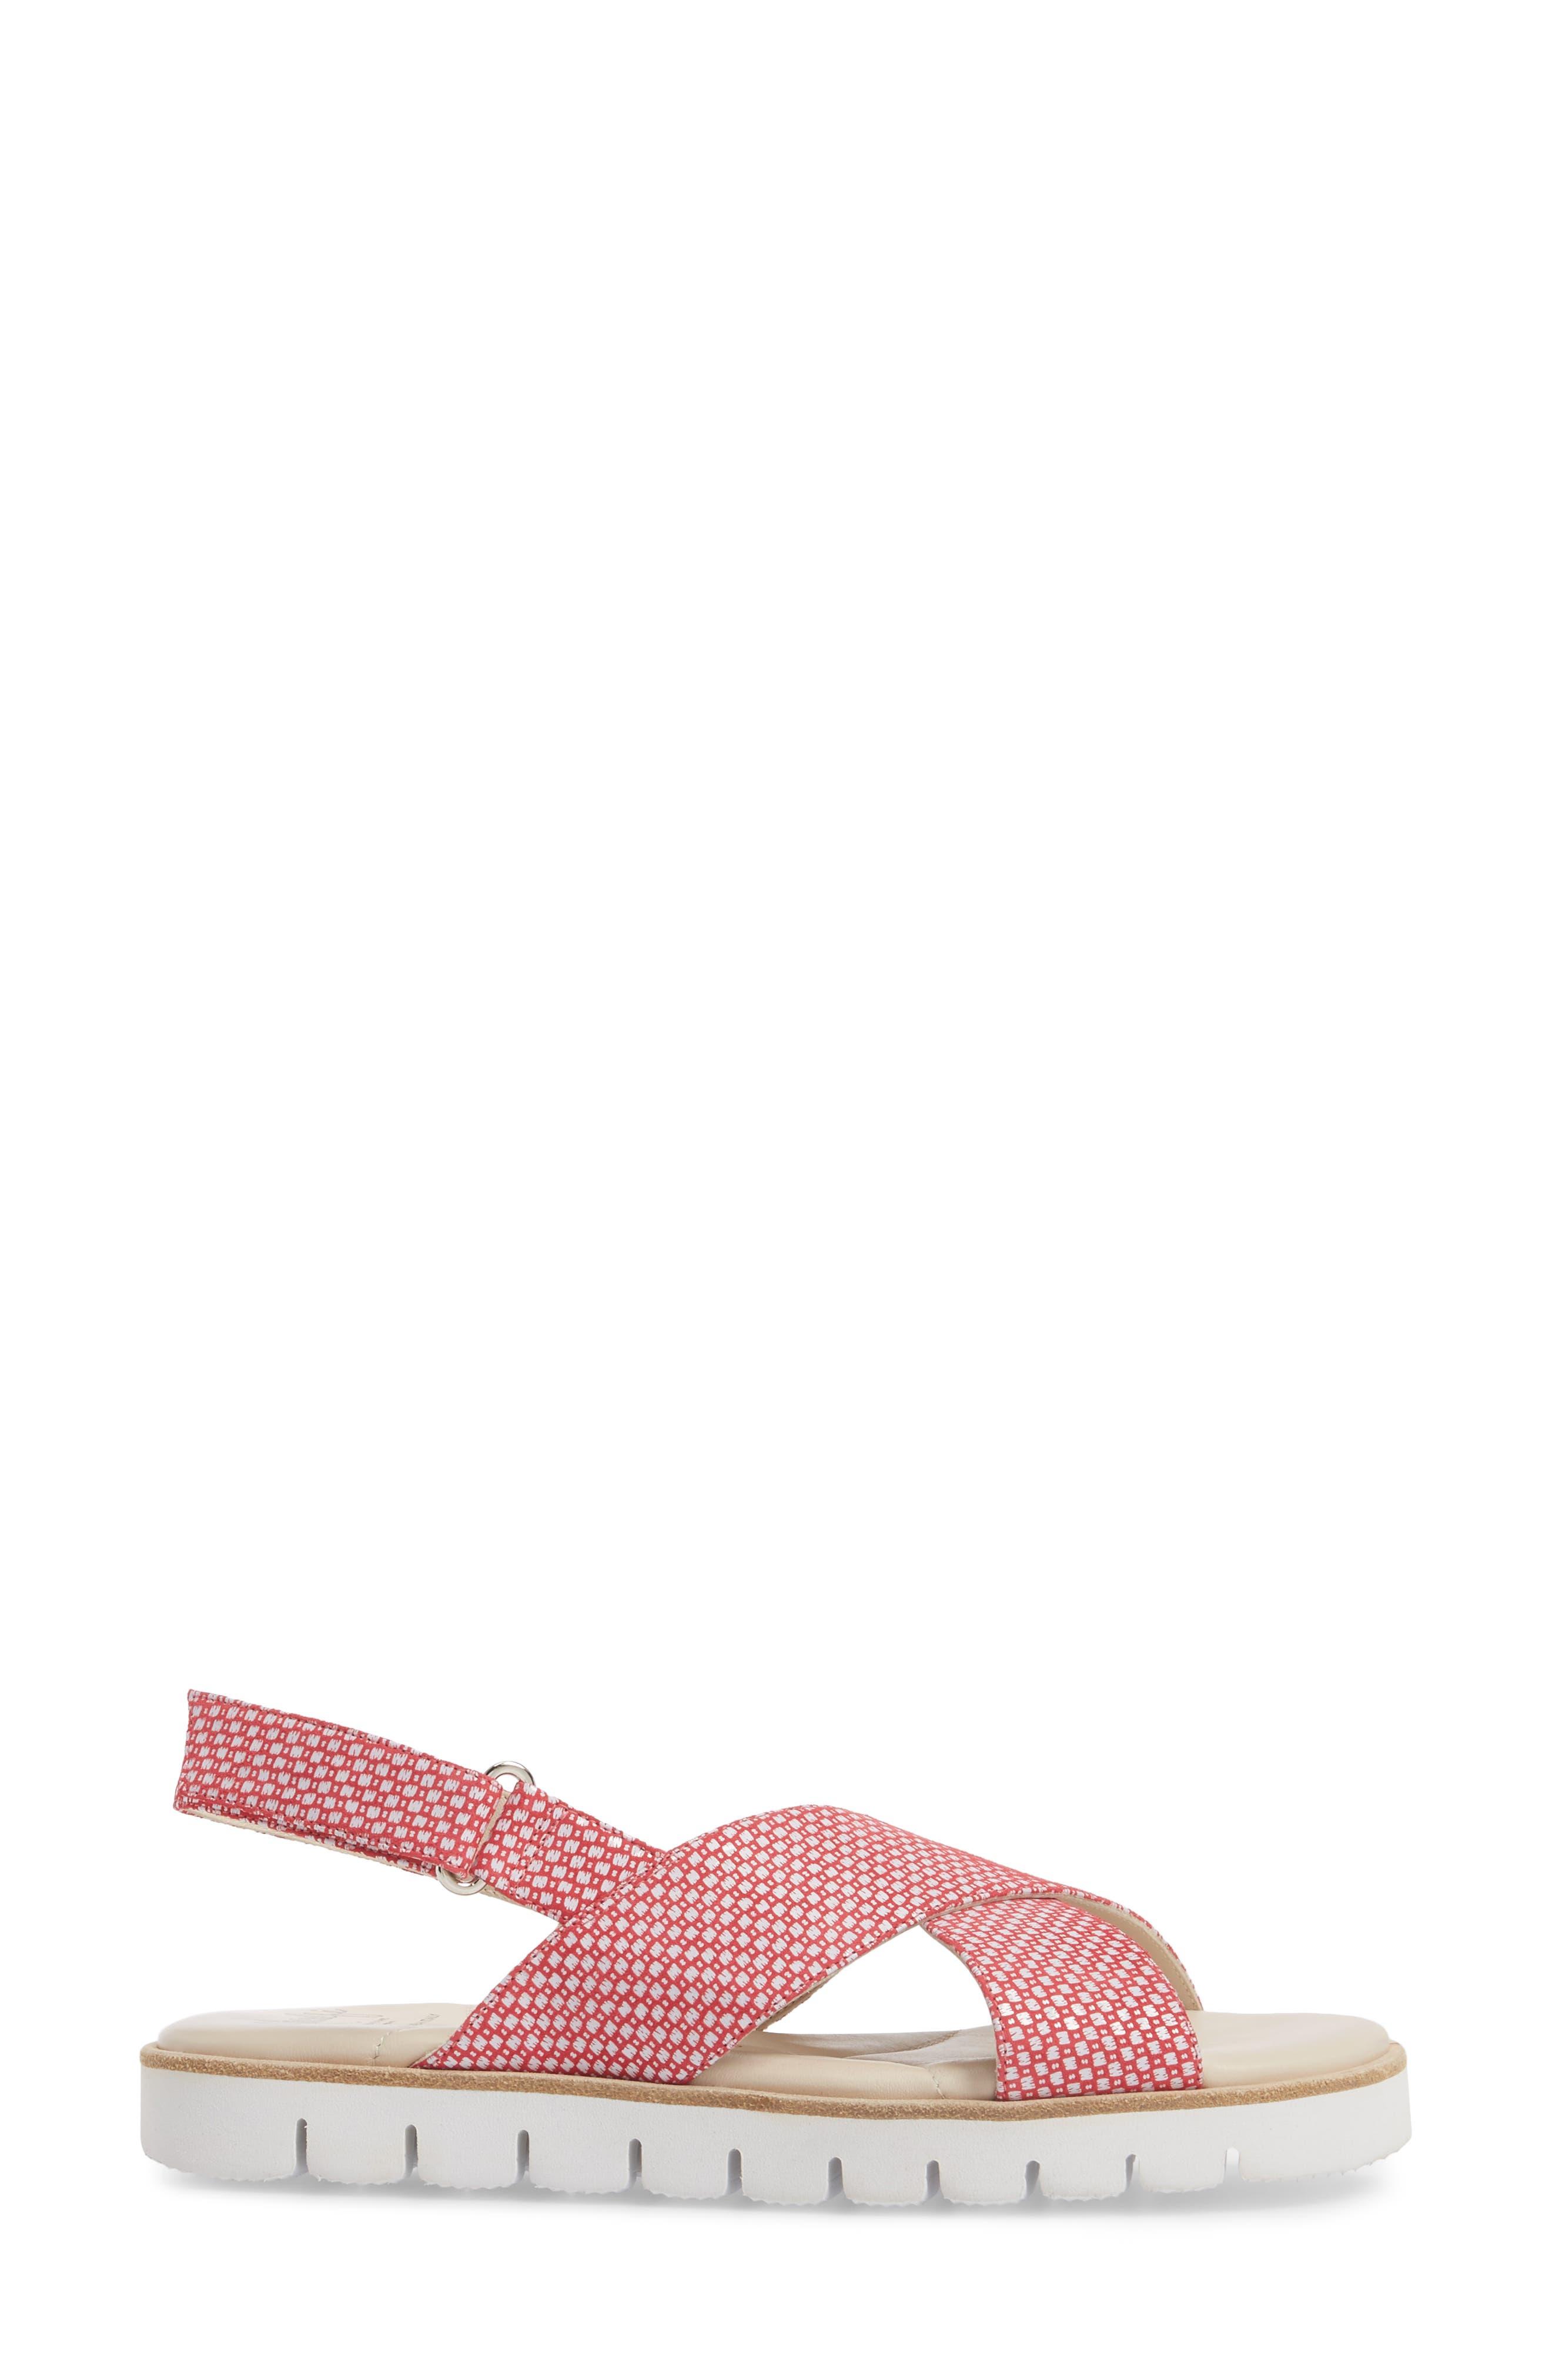 Borgo Sandal,                             Alternate thumbnail 3, color,                             Red/ White Leather